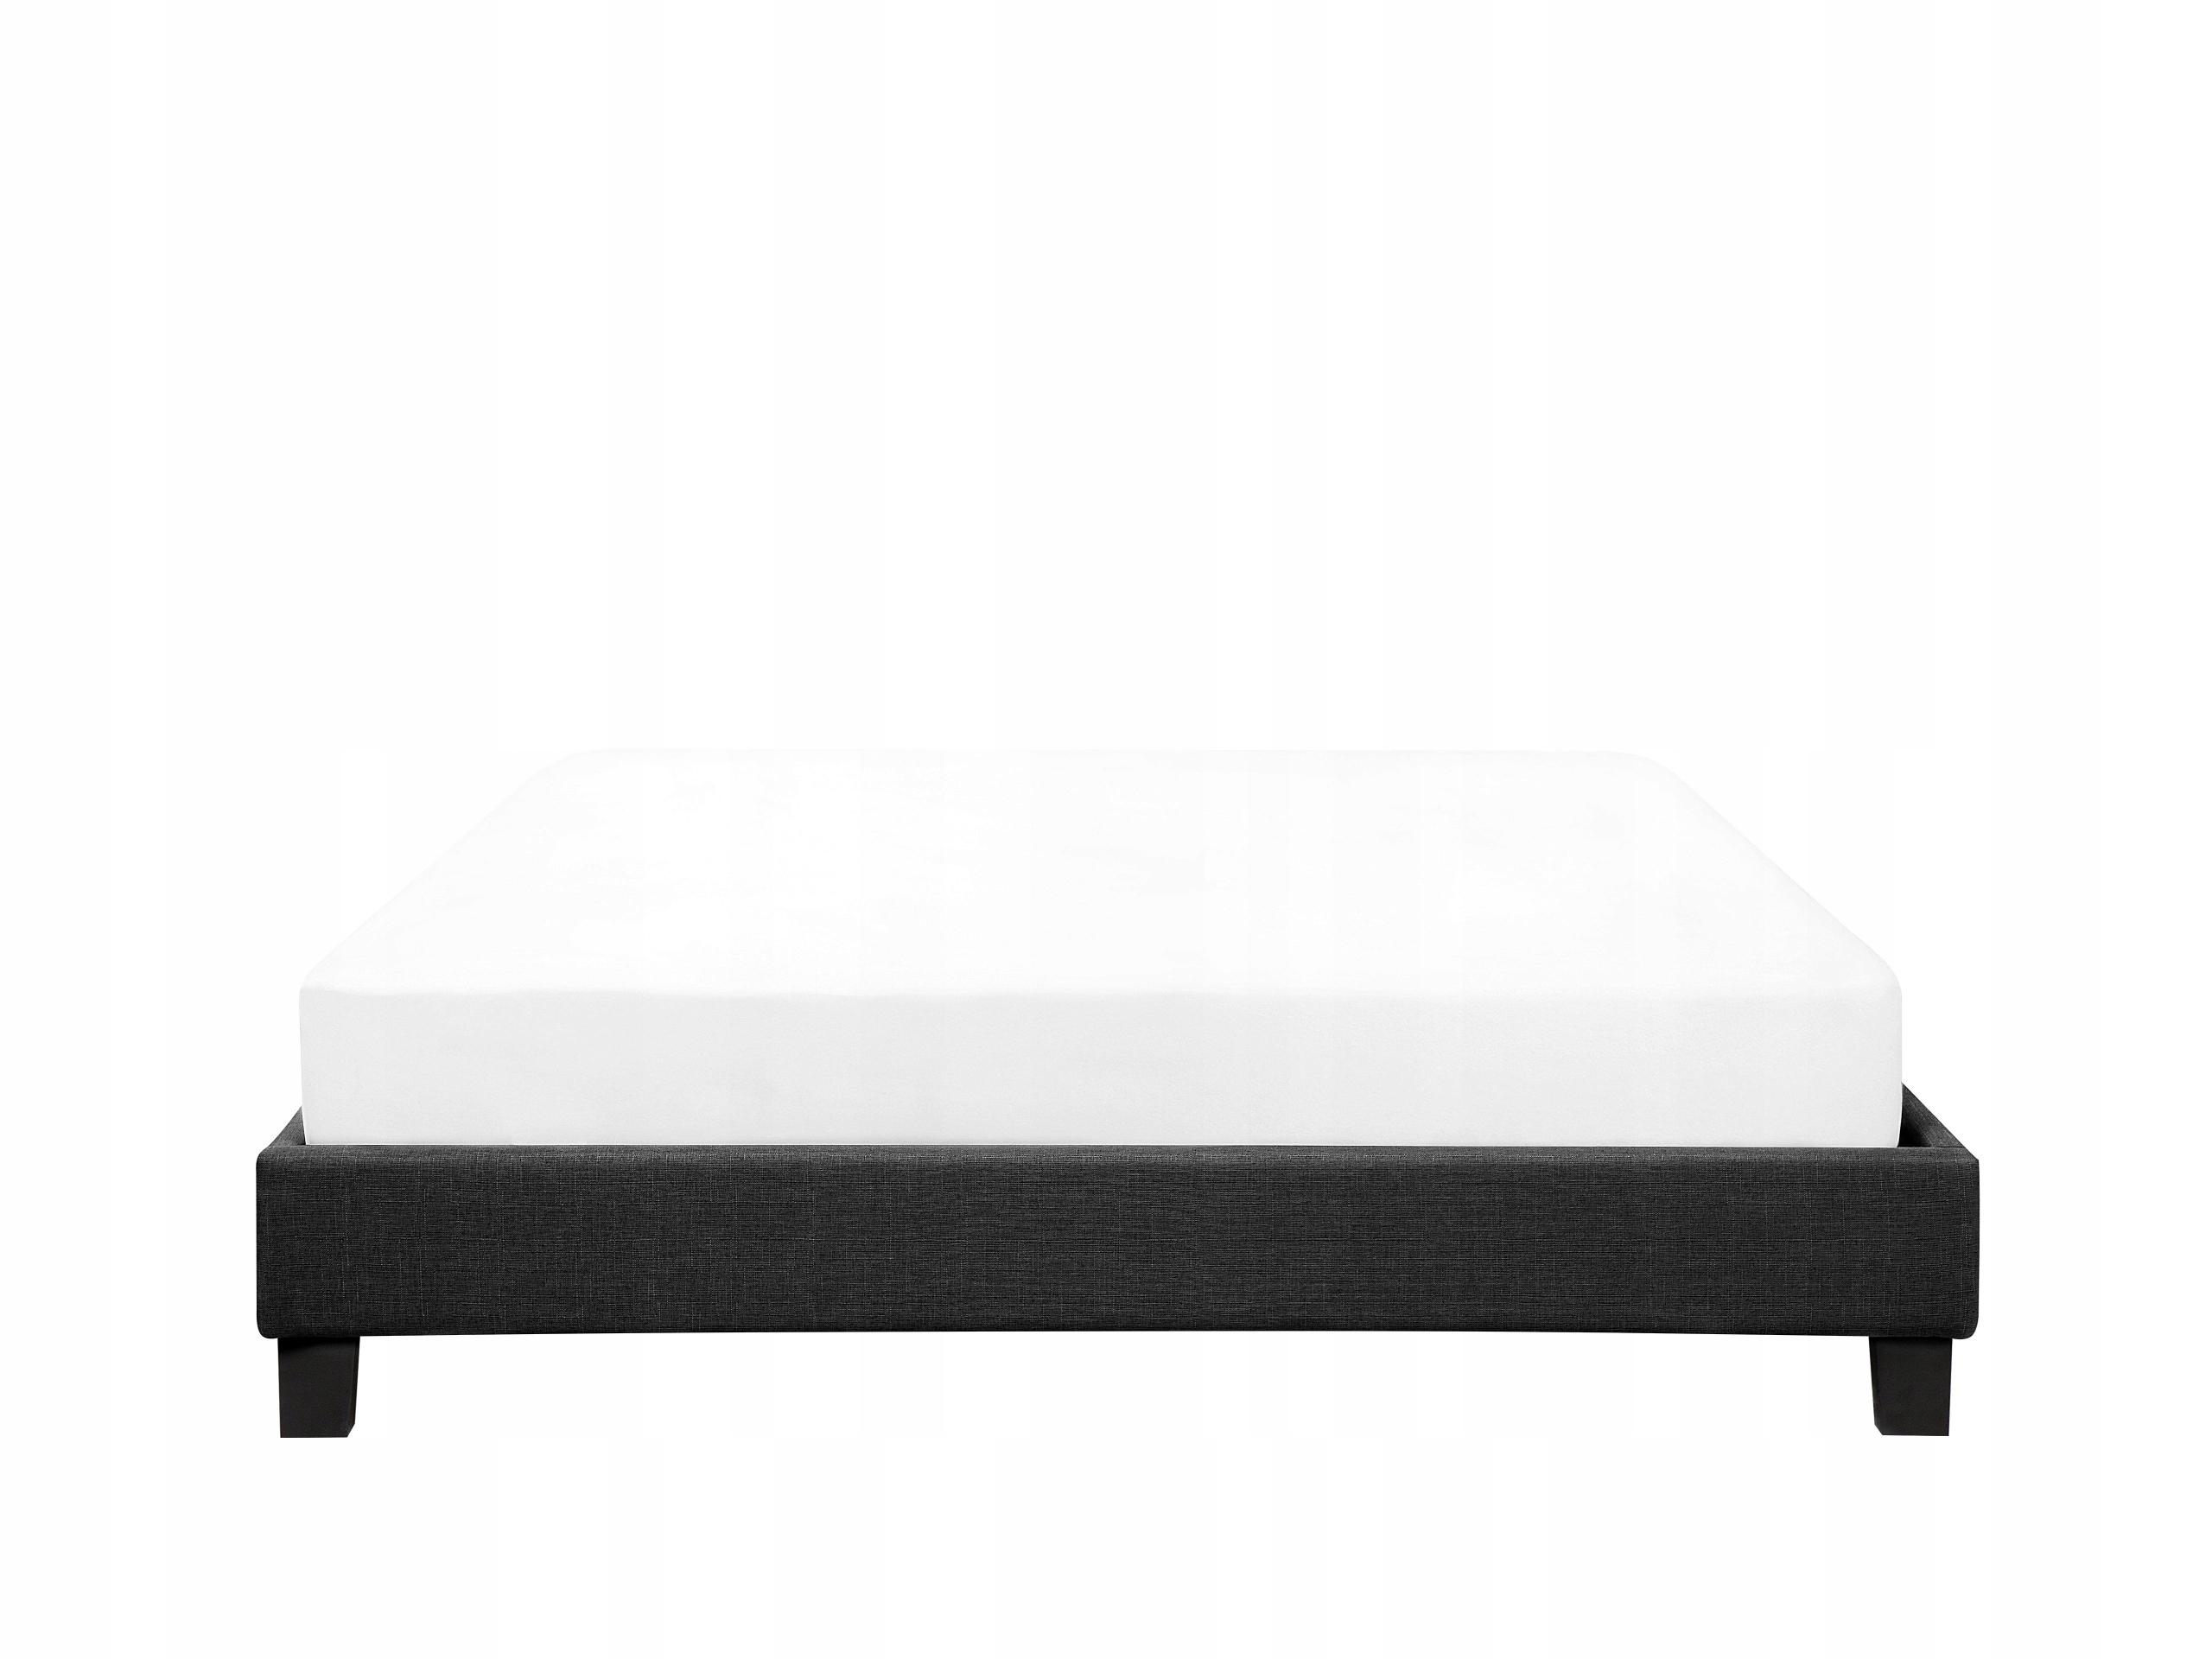 łóżko Rama łóżka Tapicerowane 160x200cm 8043276863